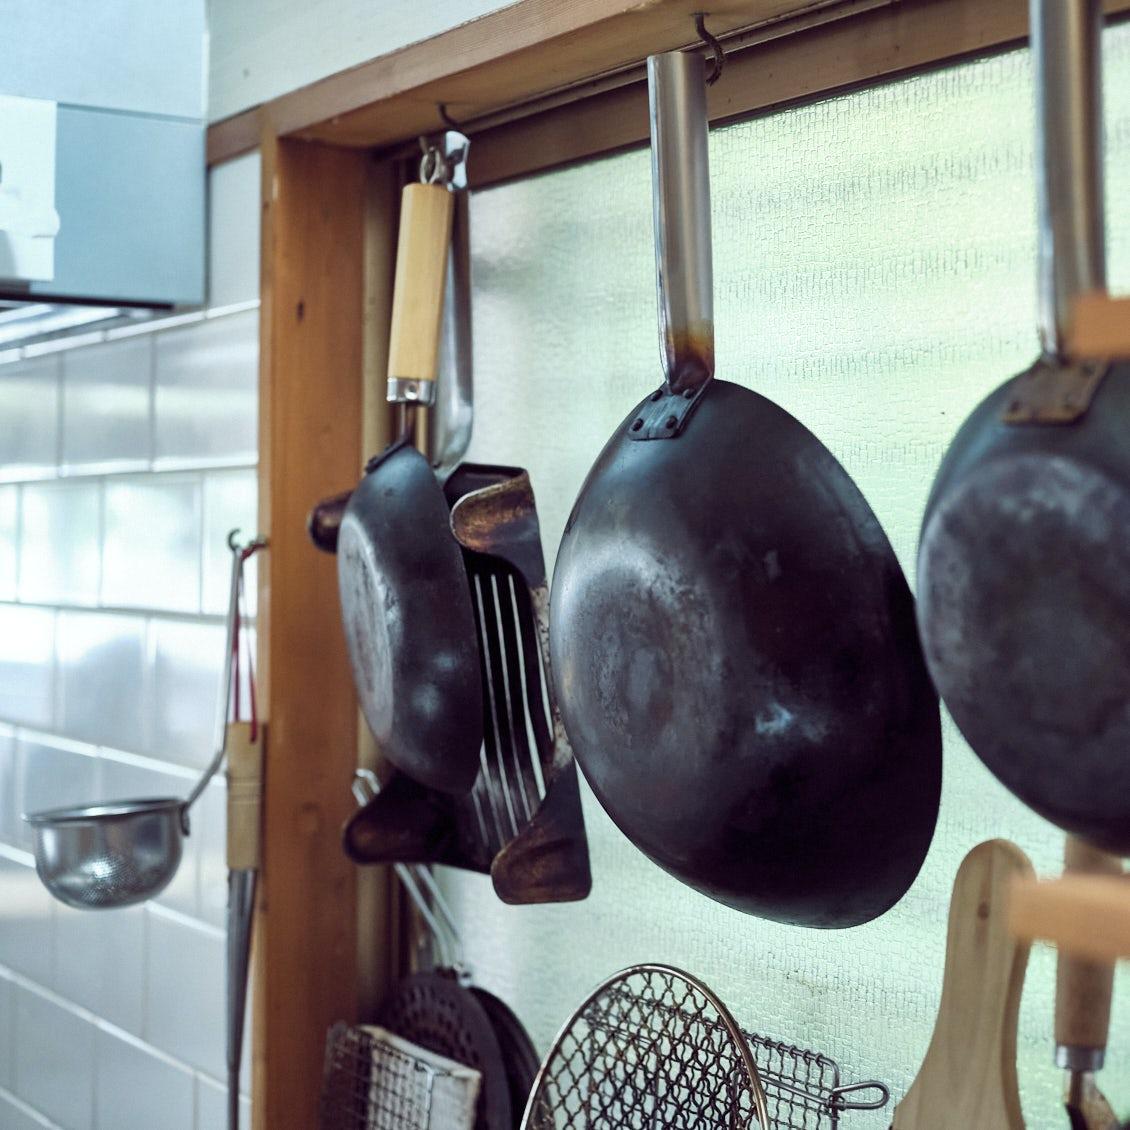 【道具好きの台所】第3話:台所道具店の店主いちおし!選りすぐりのアイテム3つ